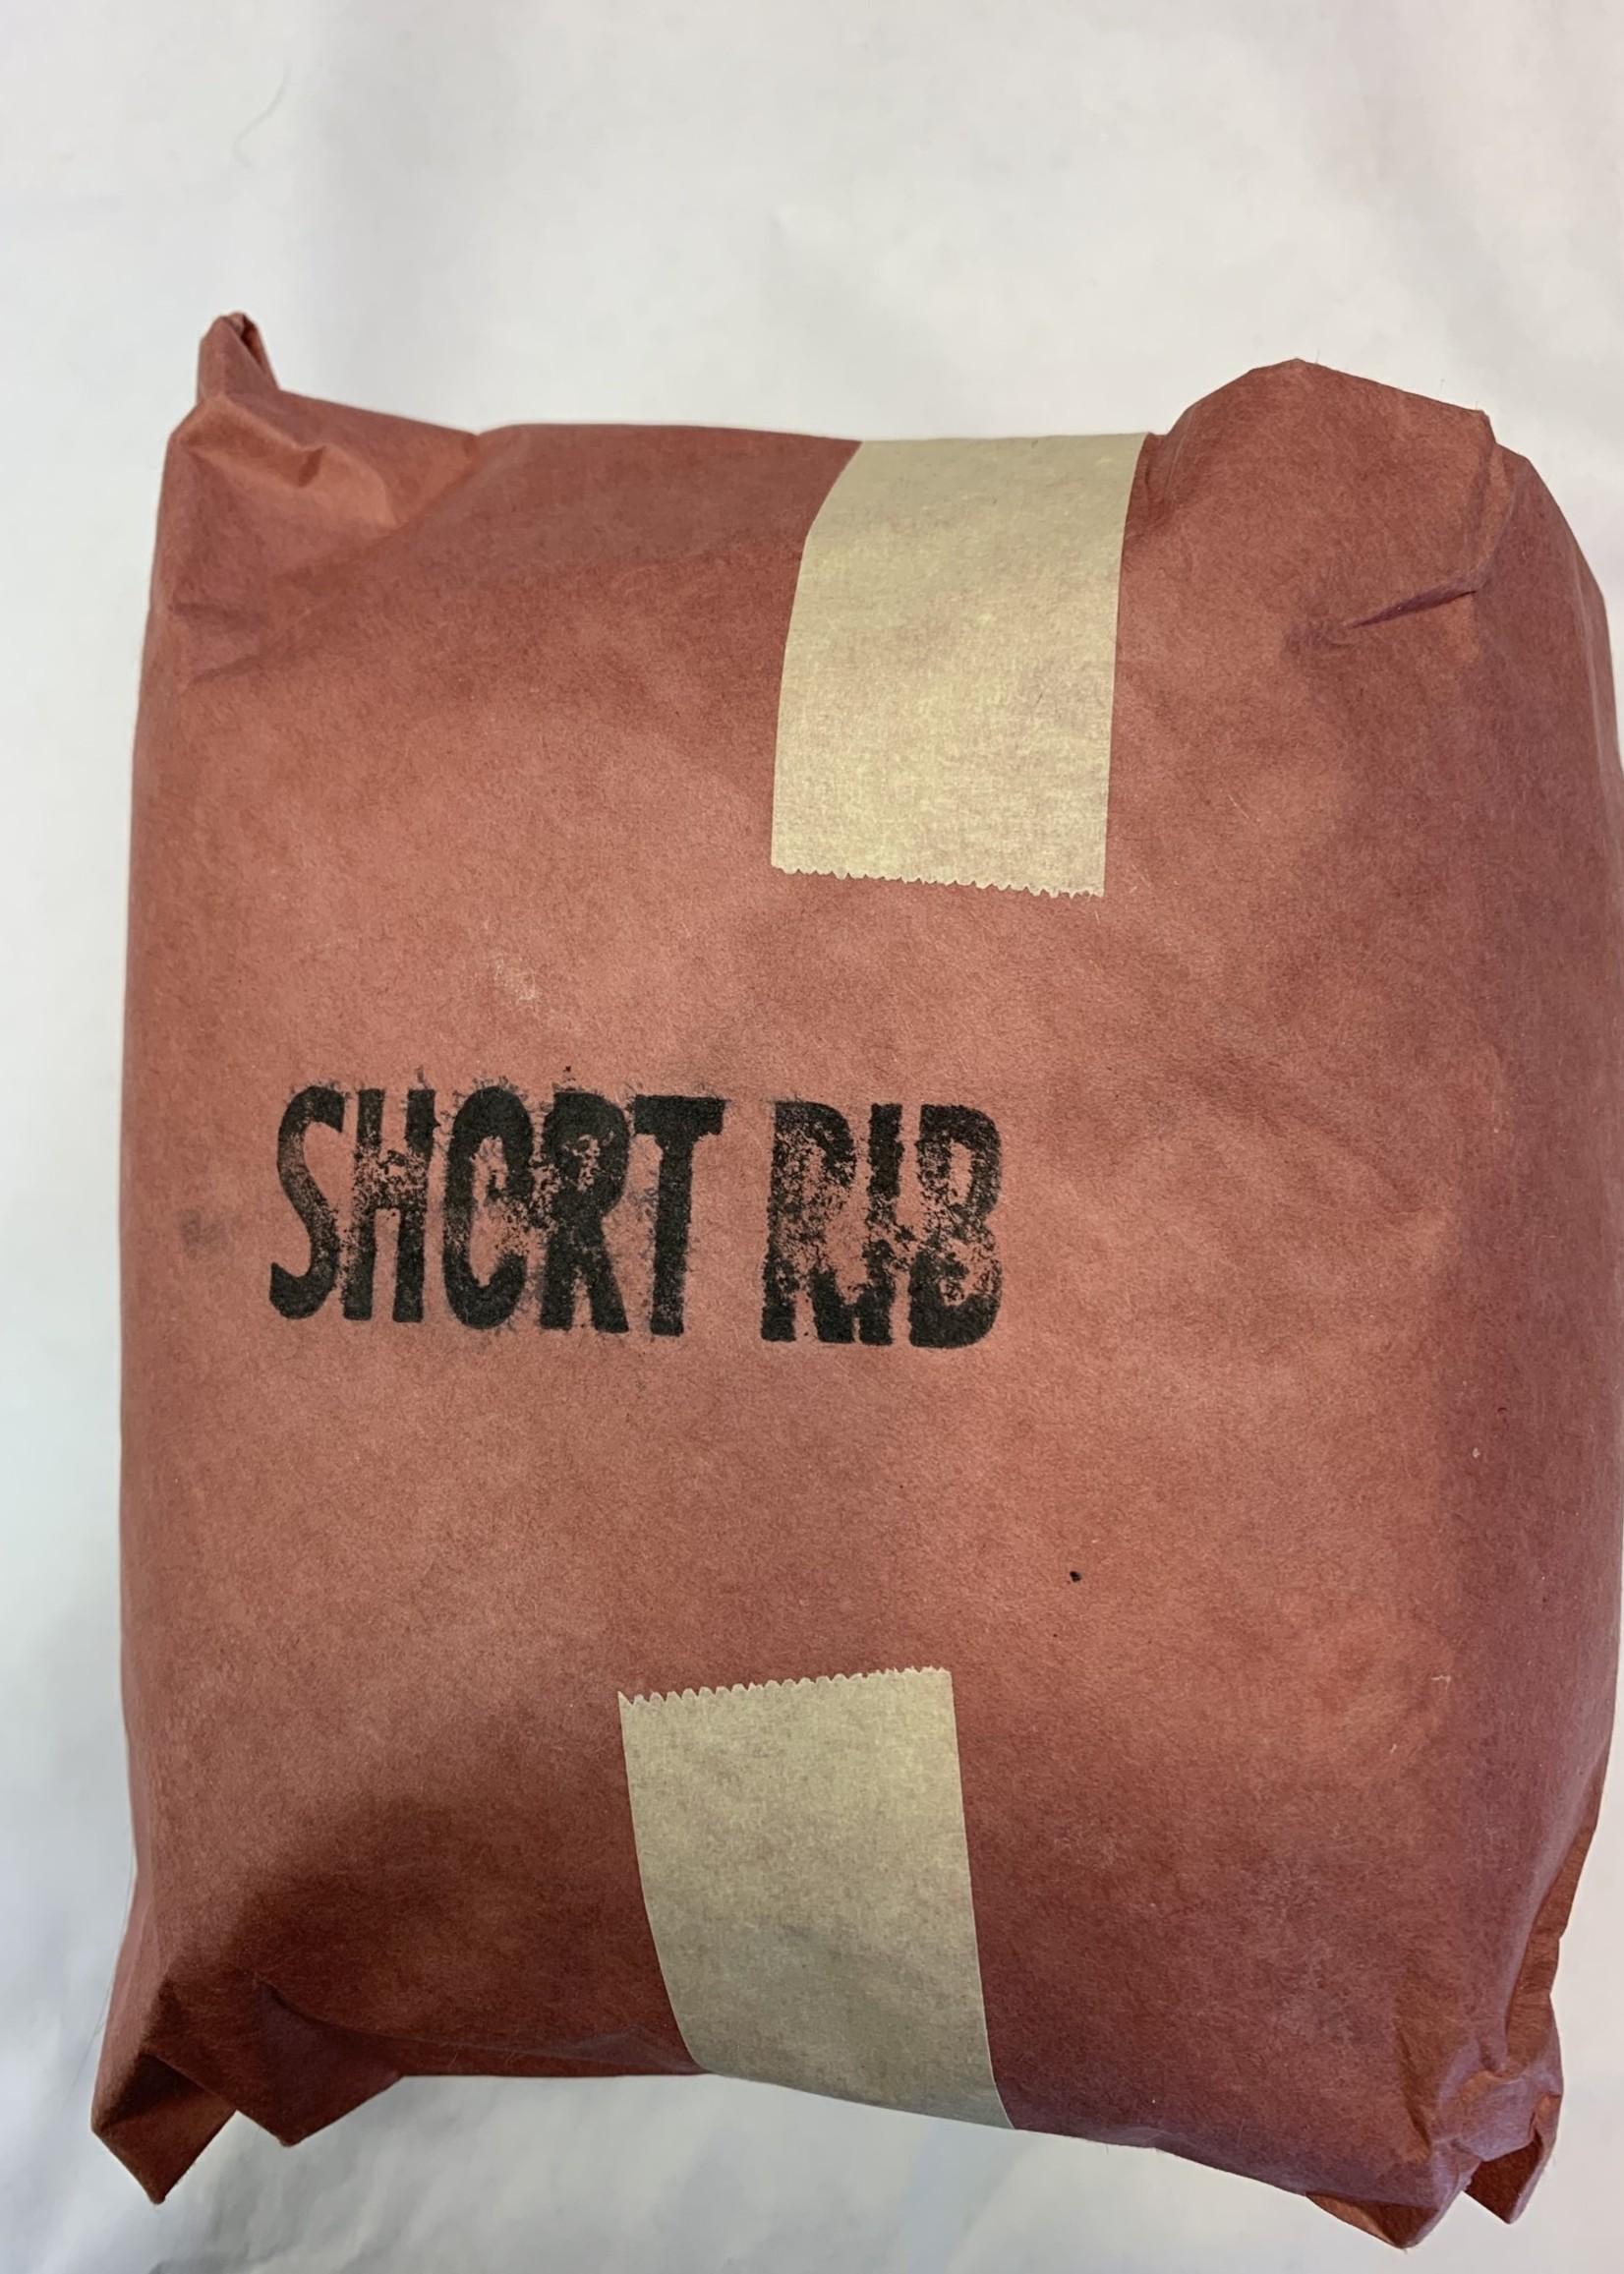 Heritage Heritage Short Rib Roast